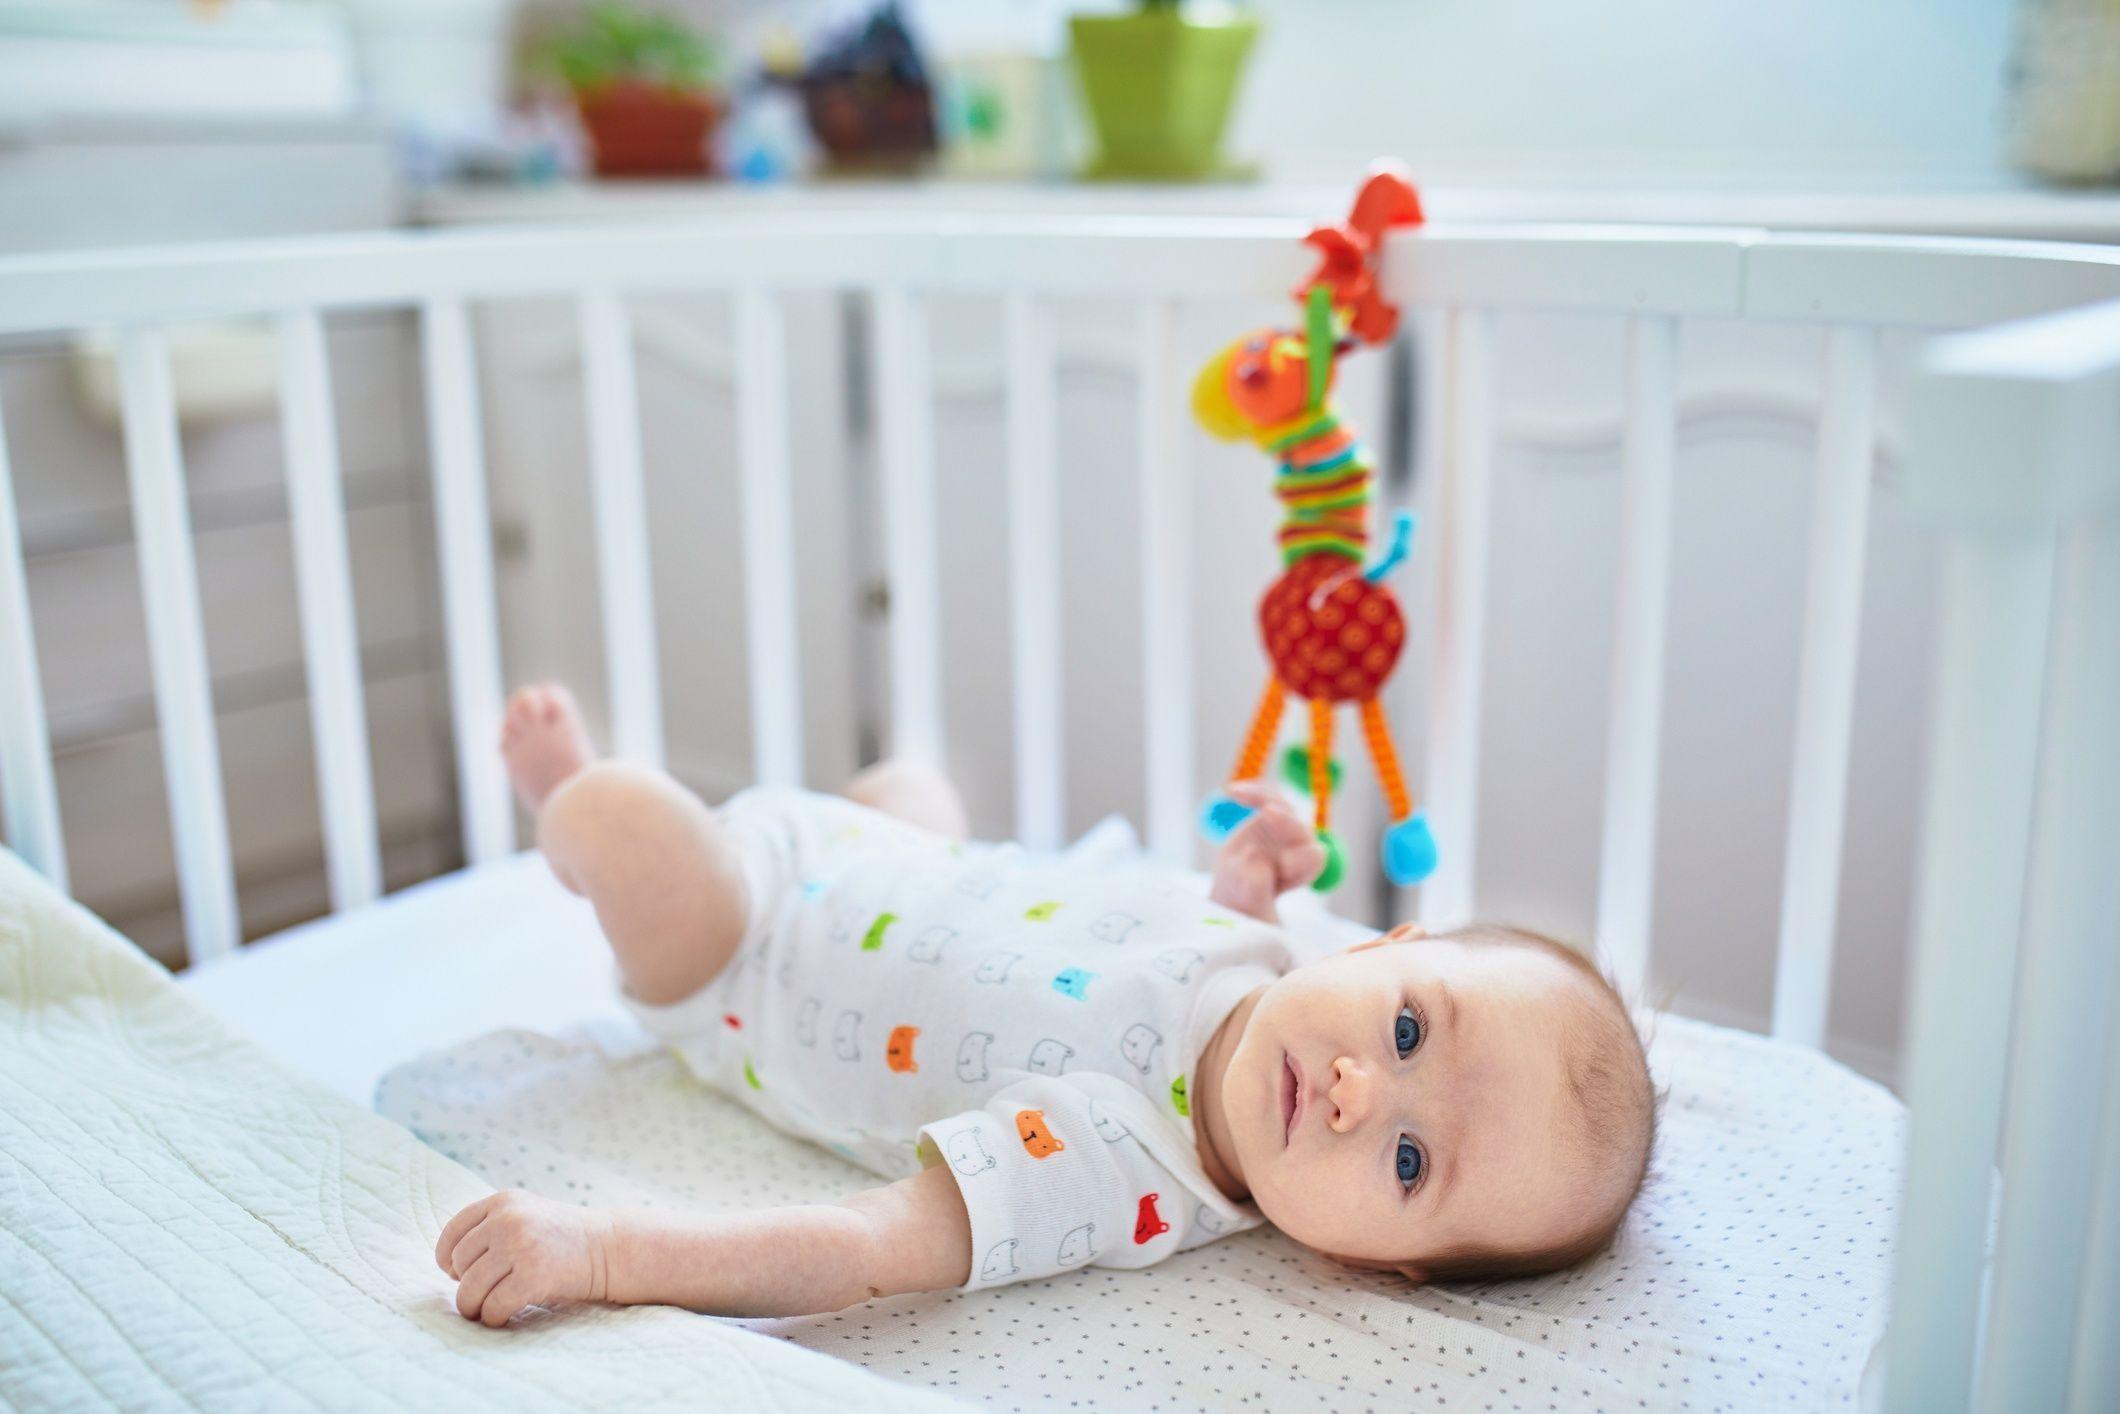 Quels Jeux Et Jouets D'éveil Pour Bébé ? - Doctissimo intérieur Bebe 6 Mois Eveil